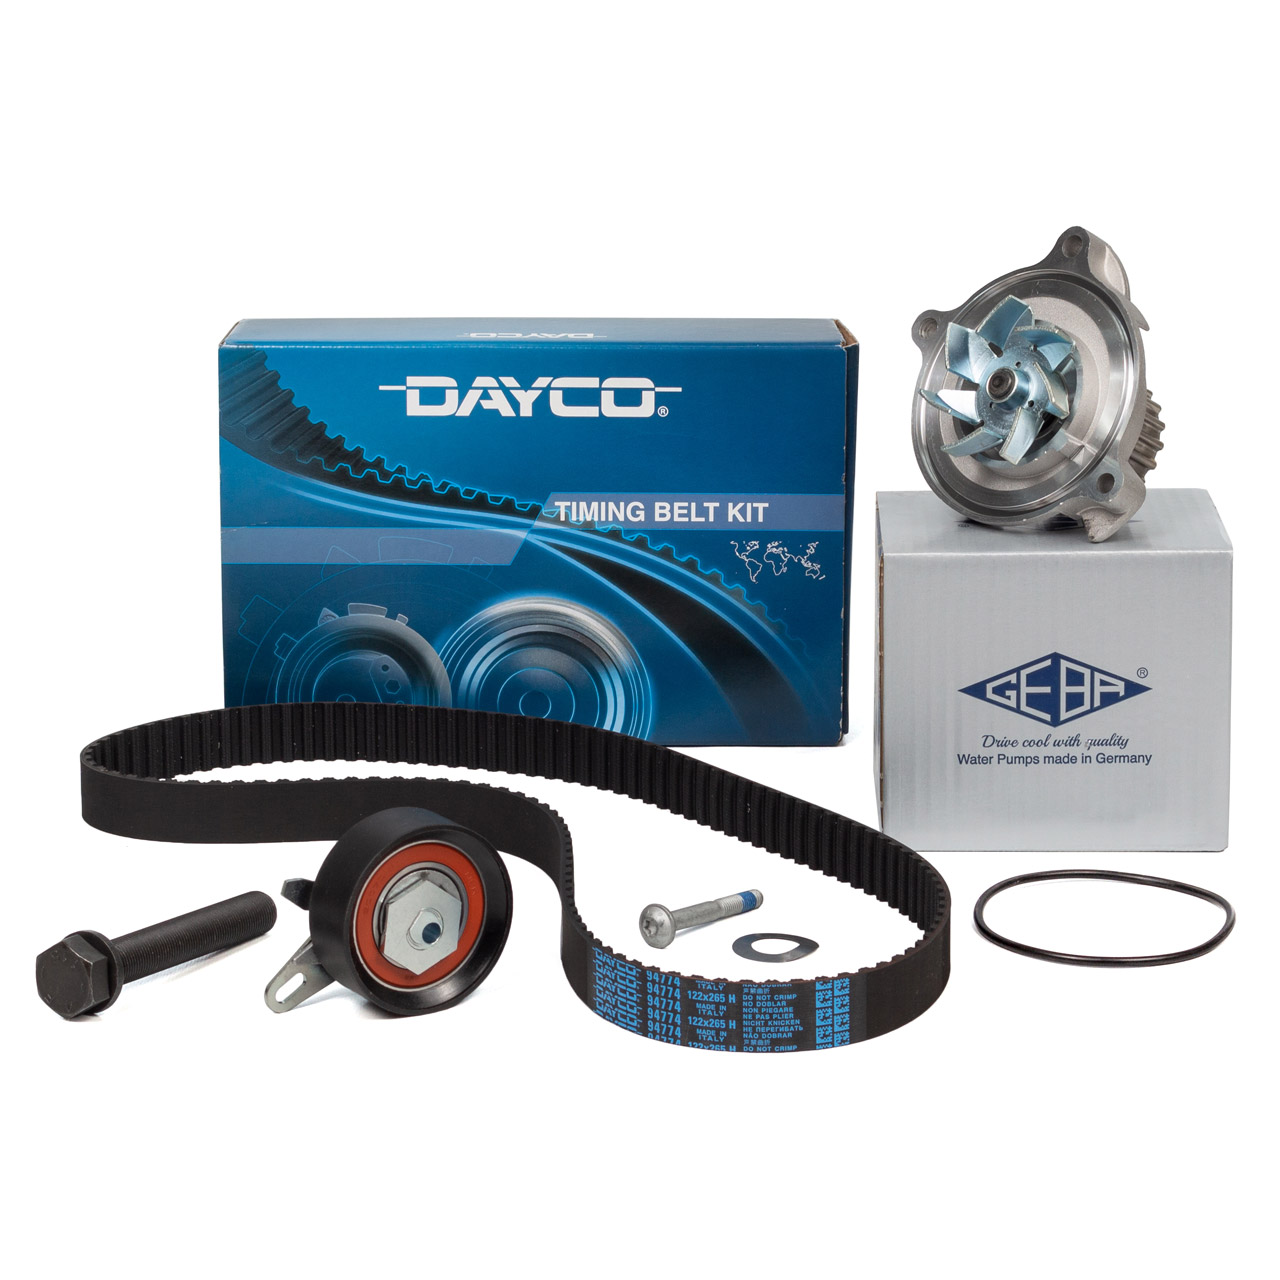 DAYCO Zahnriemensatz + GEBA Wasserpumpe AUDI A6 C4 VW LT II T4 2.4 D 2.5TDI